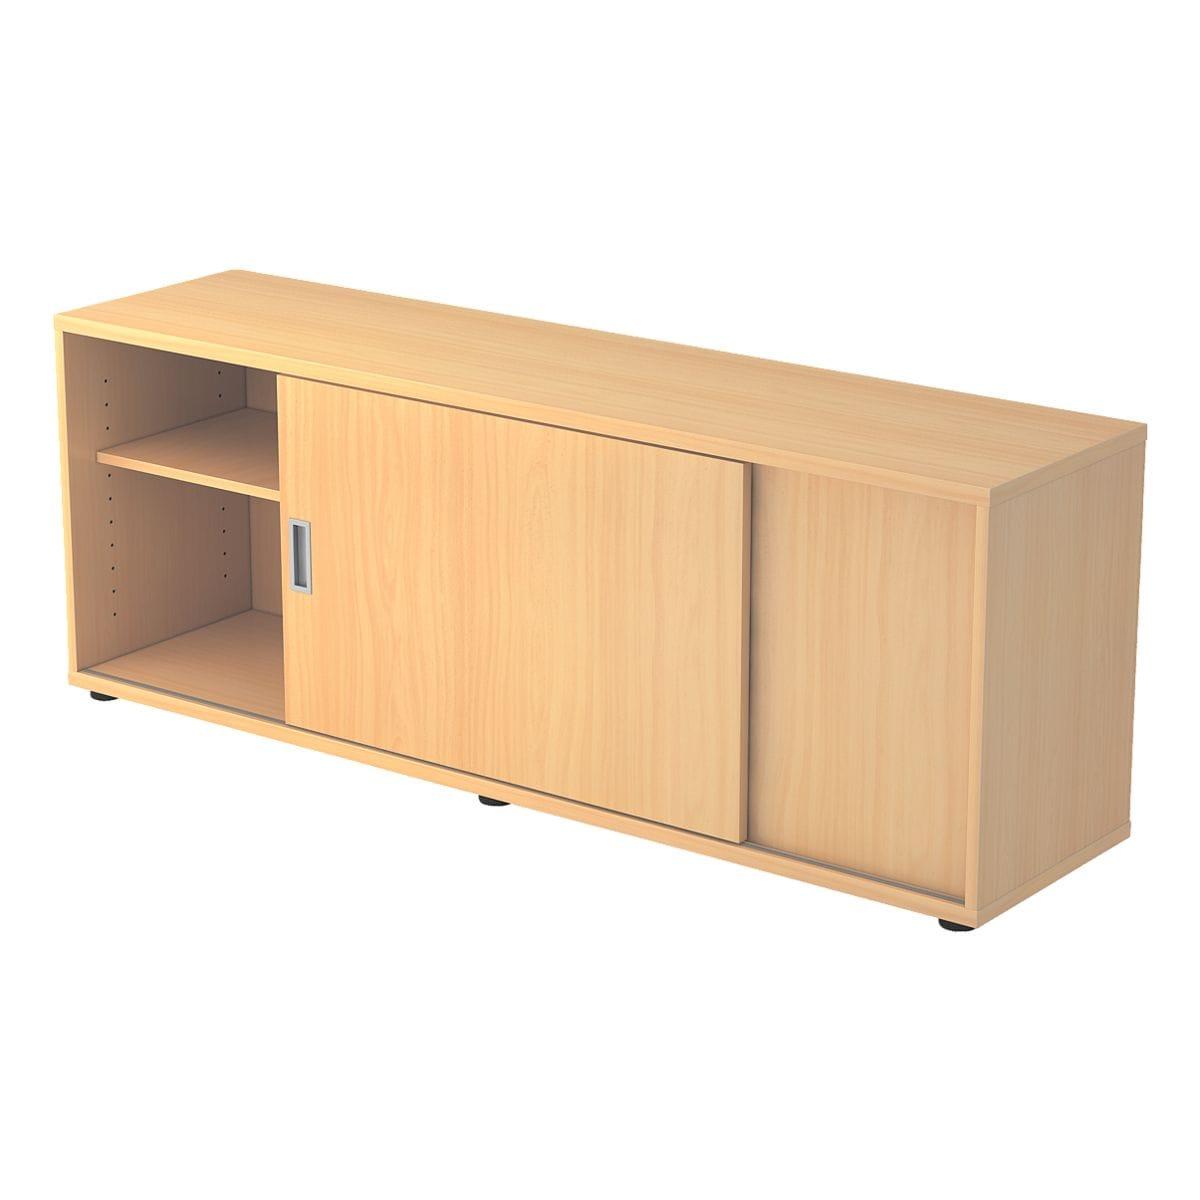 hammerbacher sideboard alicante mit klassischen schiebet ren bei otto office g nstig kaufen. Black Bedroom Furniture Sets. Home Design Ideas